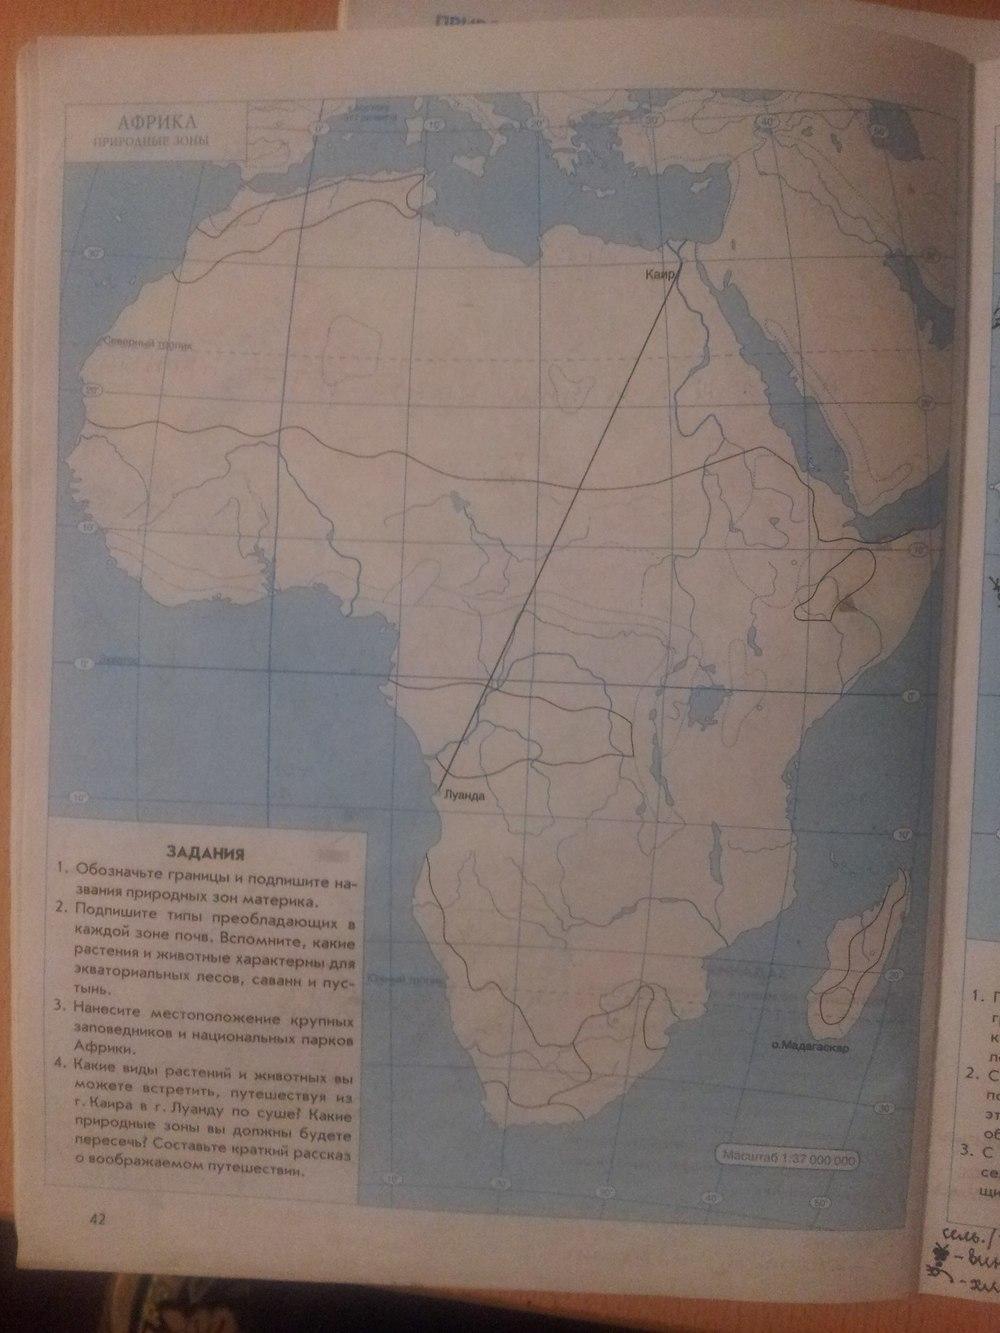 Рабочей океанов география материков по и гдз тетради